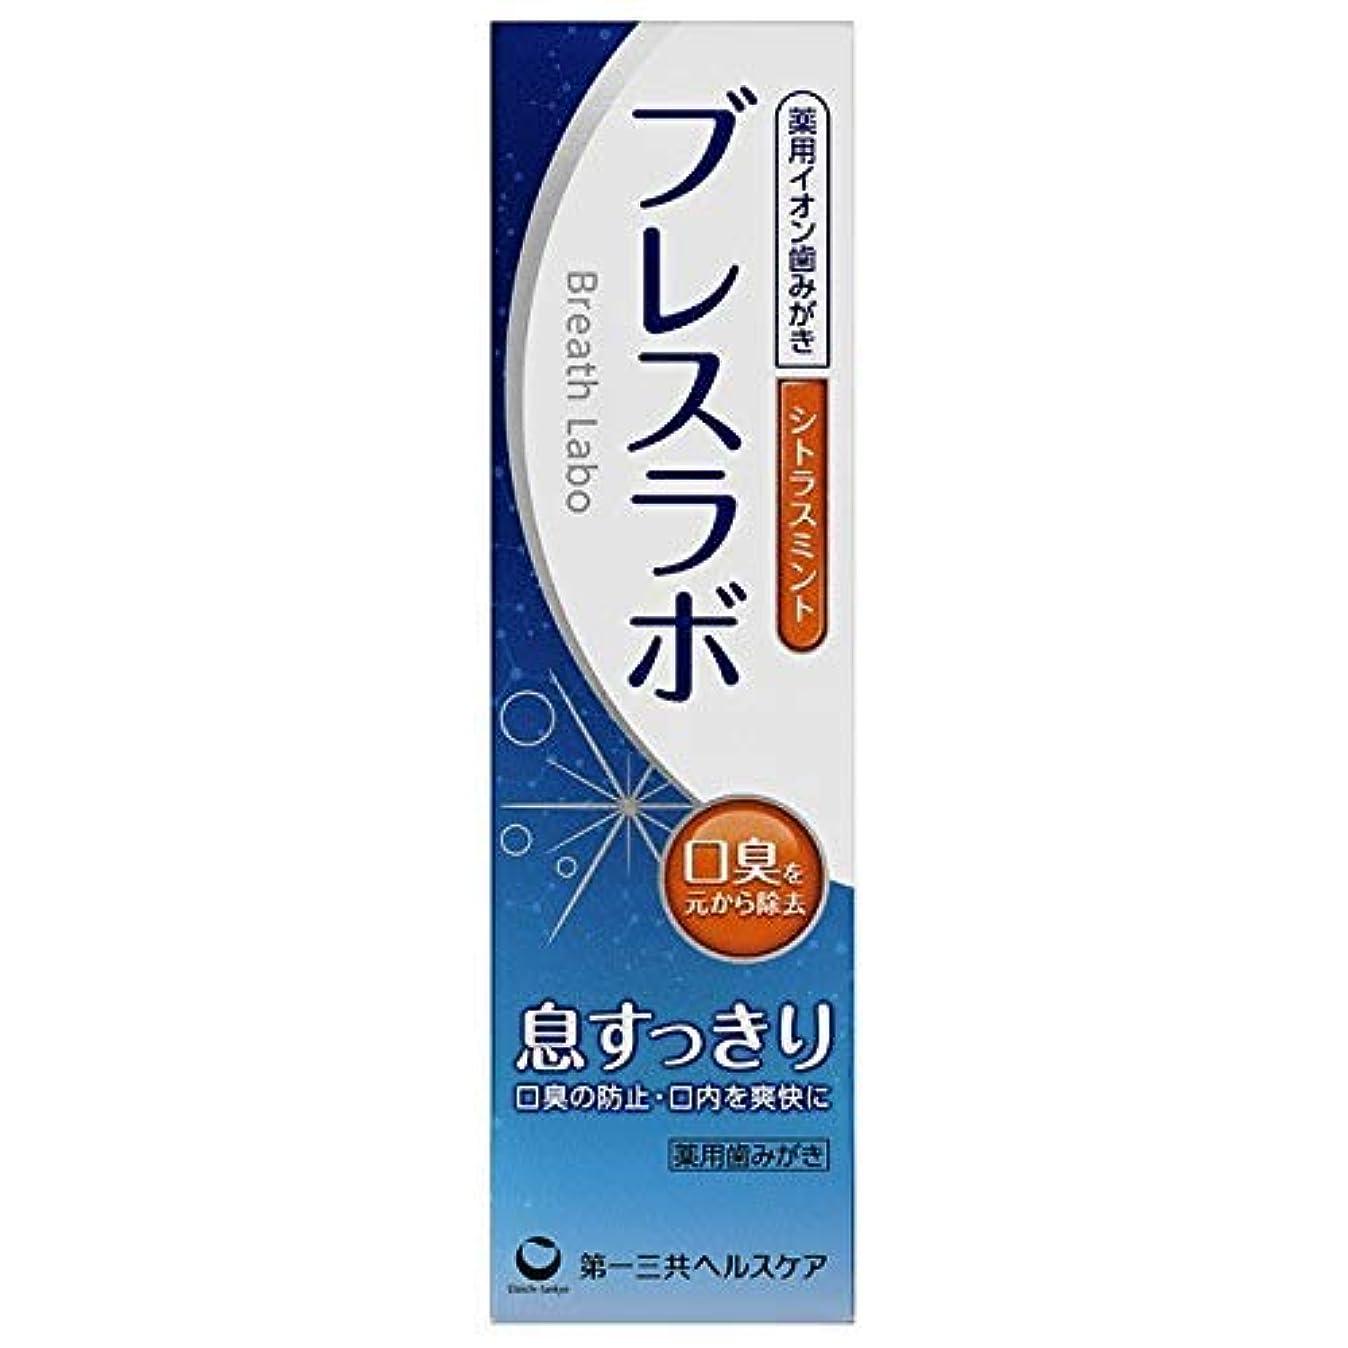 コンセンサス偏見プレゼン【4個セット】ブレスラボ シトラスミント 90g